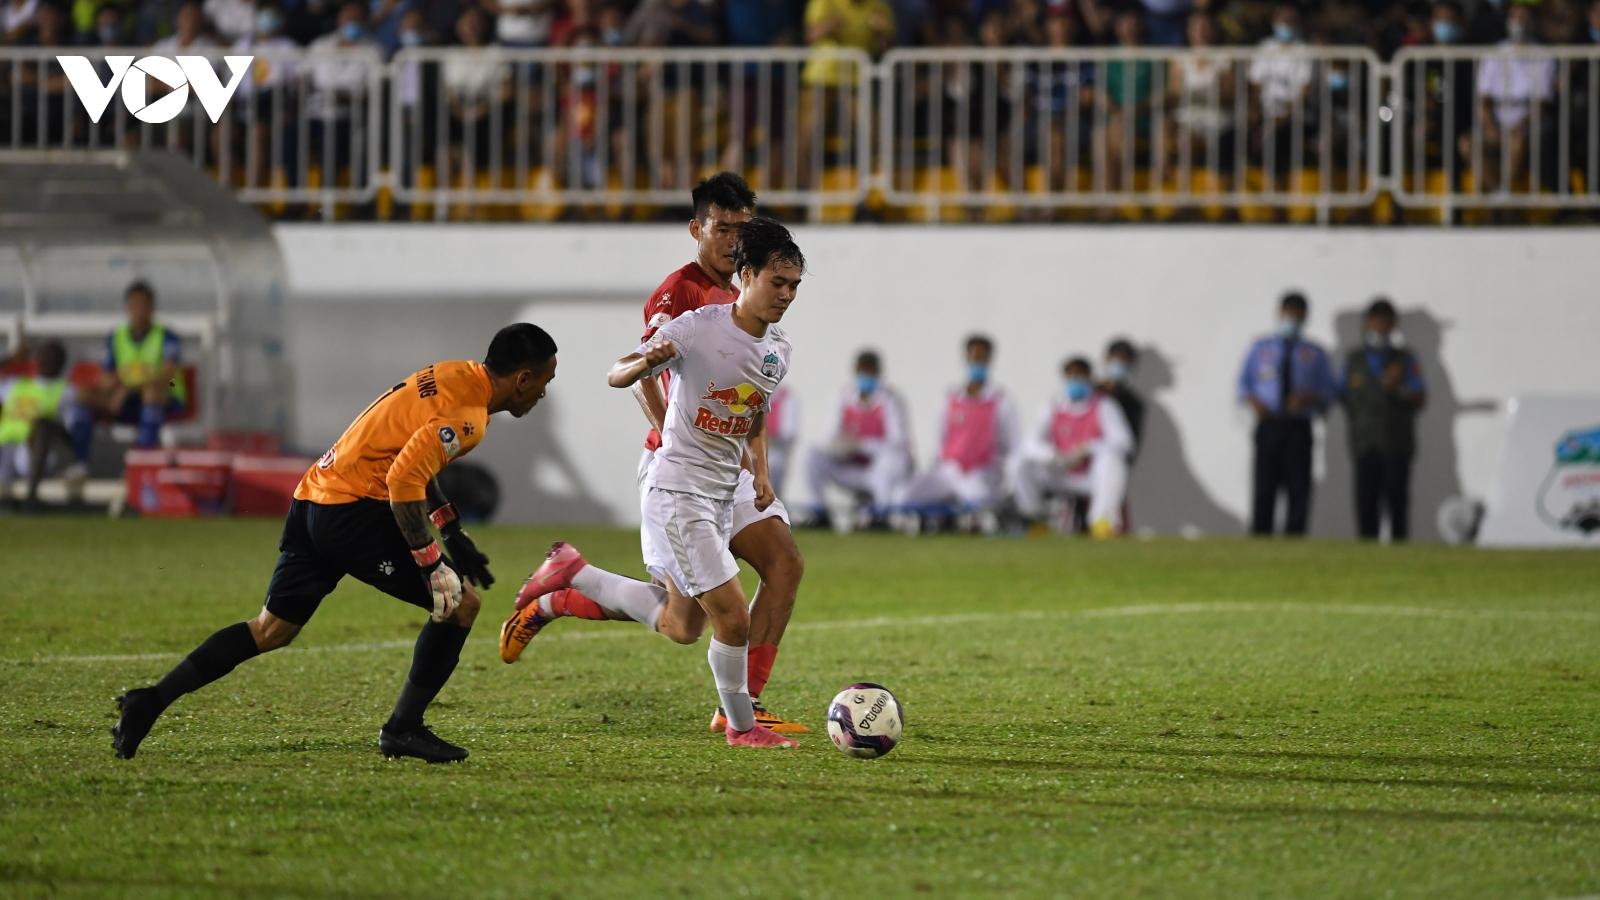 Công Phượng, Văn Toàn thăng hoa, HAGL thắng đậm CLB TPHCM để duy trì ngôi đầu V-League